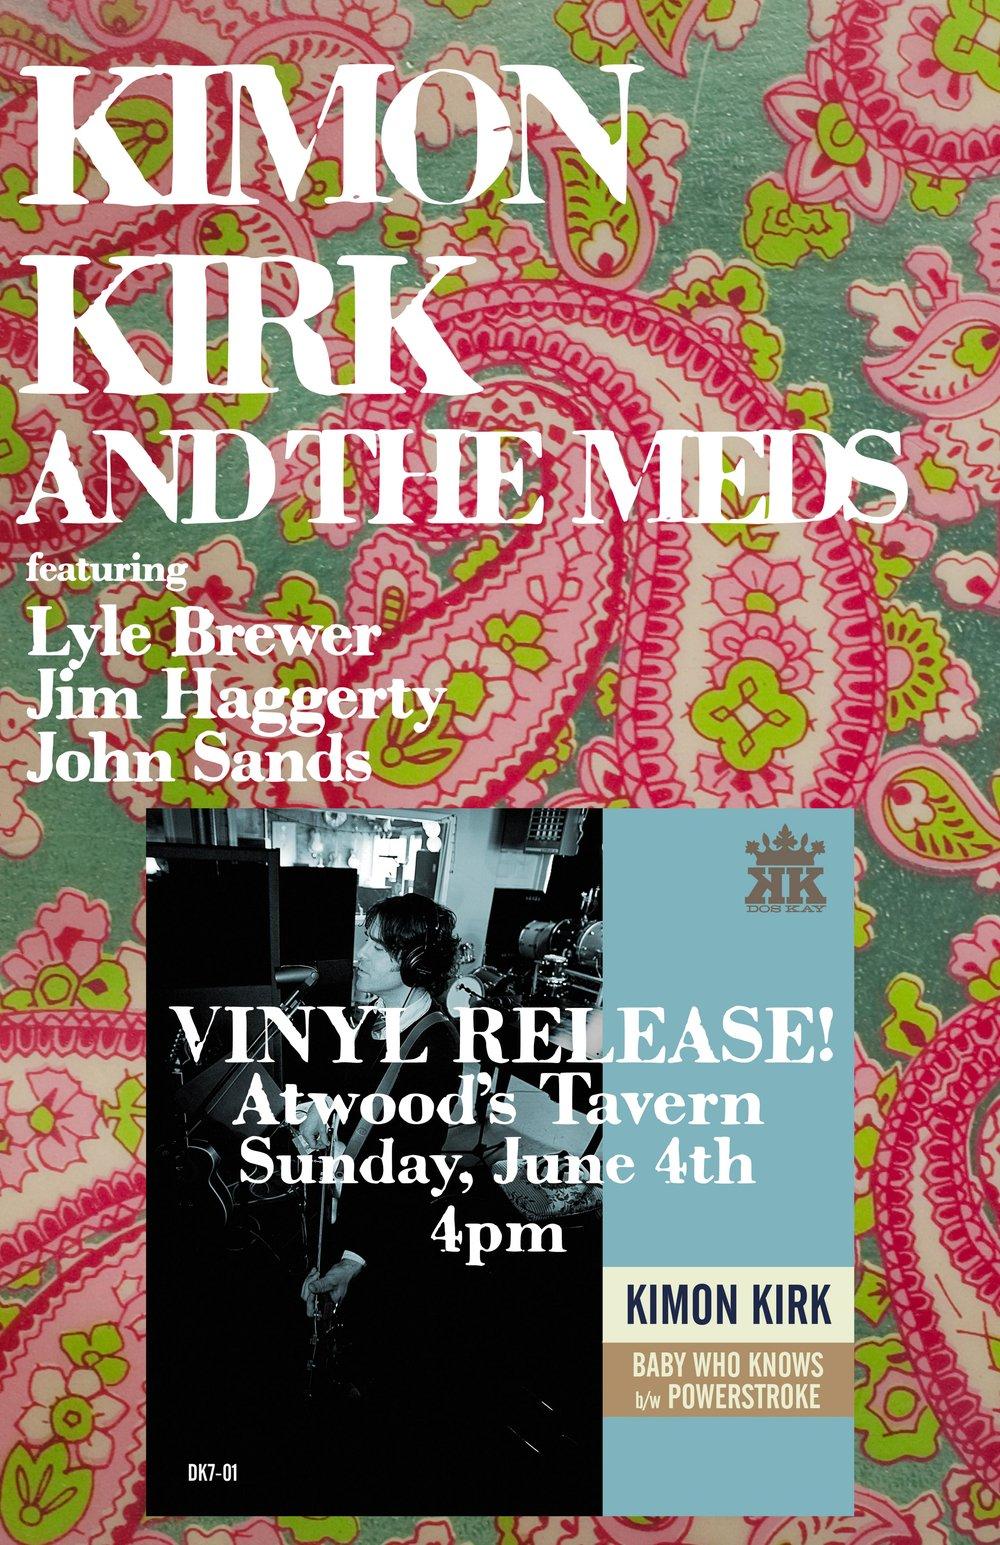 vinyl release poster